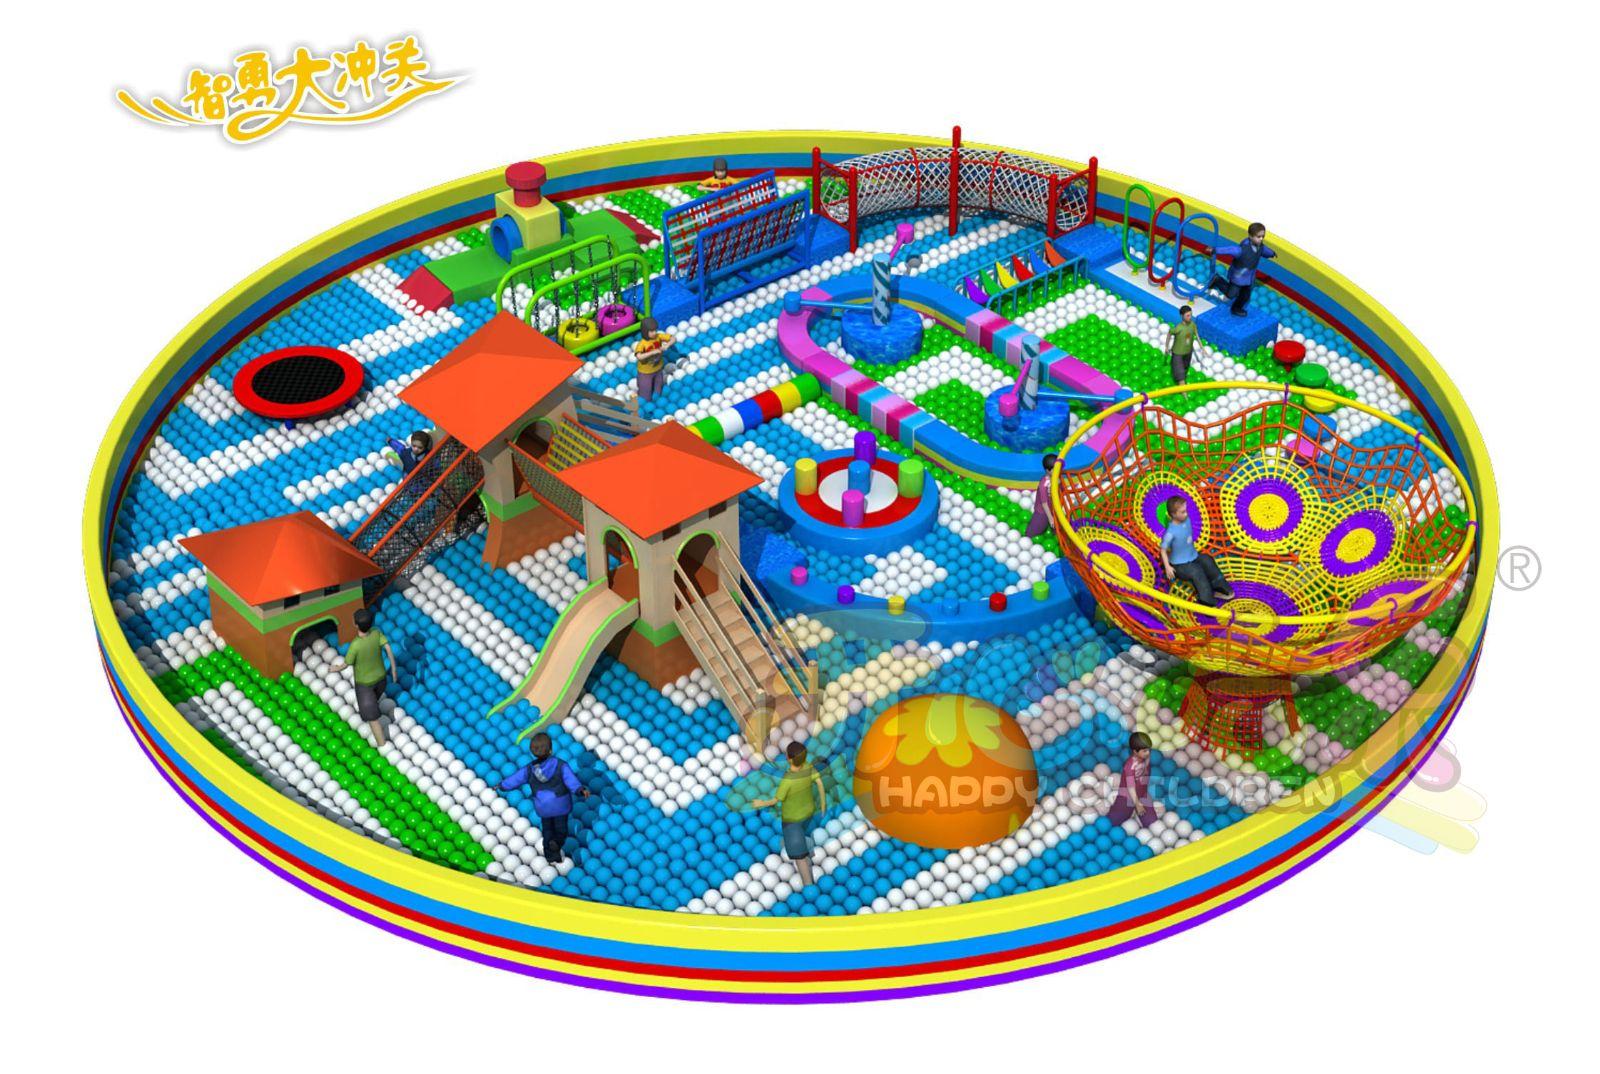 开个小室内儿童乐园多少钱?儿童游乐园投资费用主要是哪些?